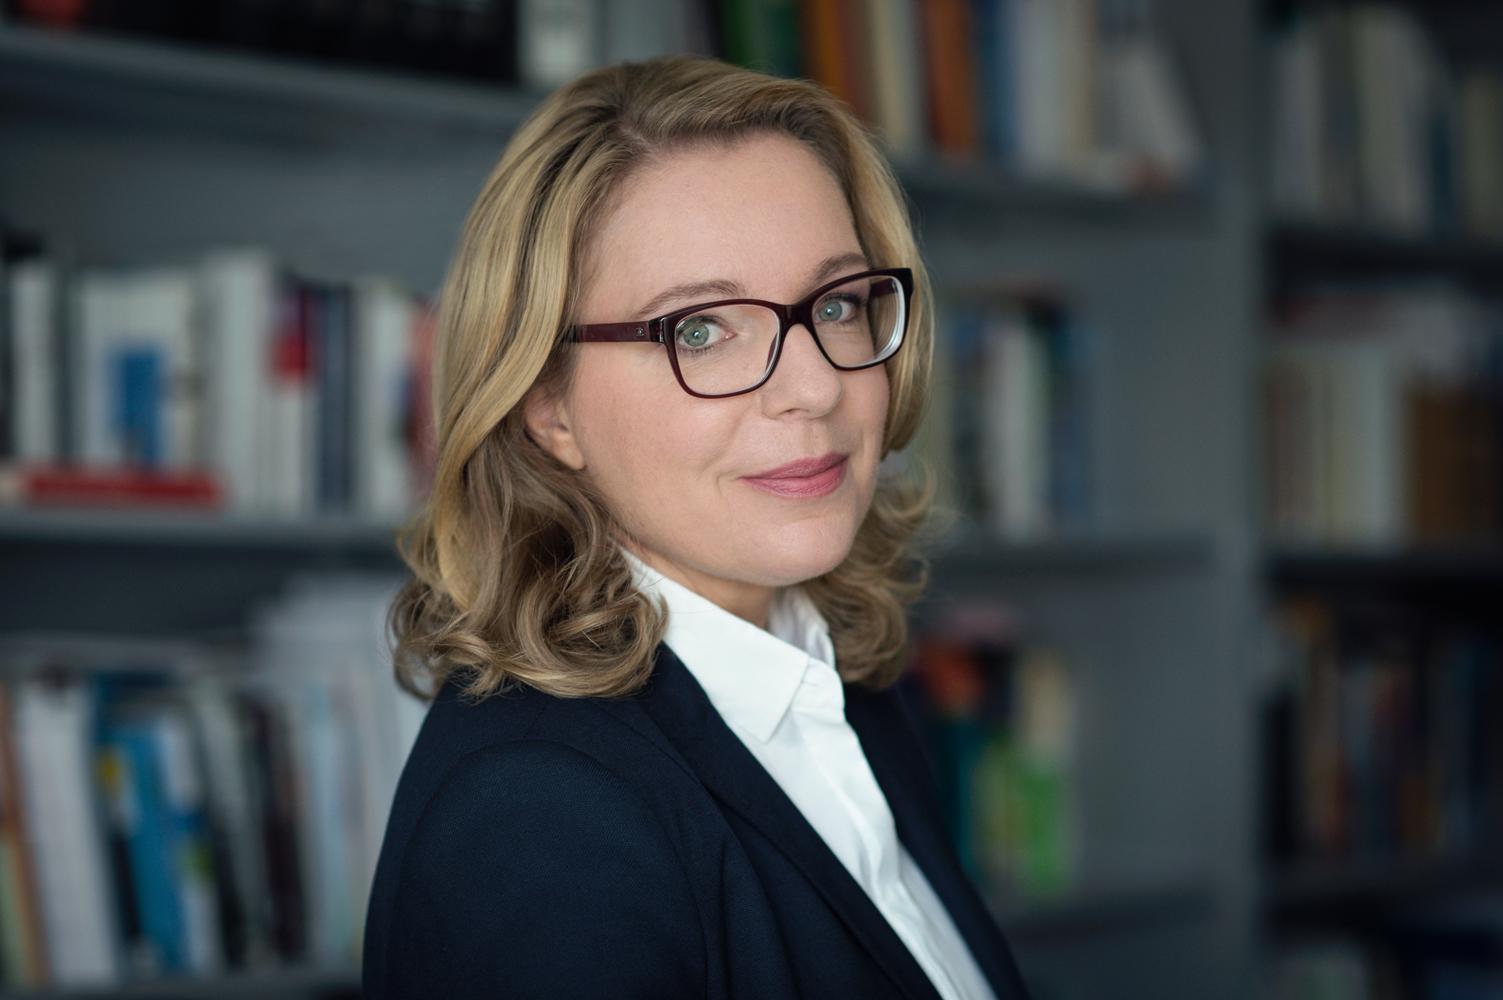 Zweifache Auszeichnung für <b>Claudia Kemfert</b> - ClaudiaKemfert